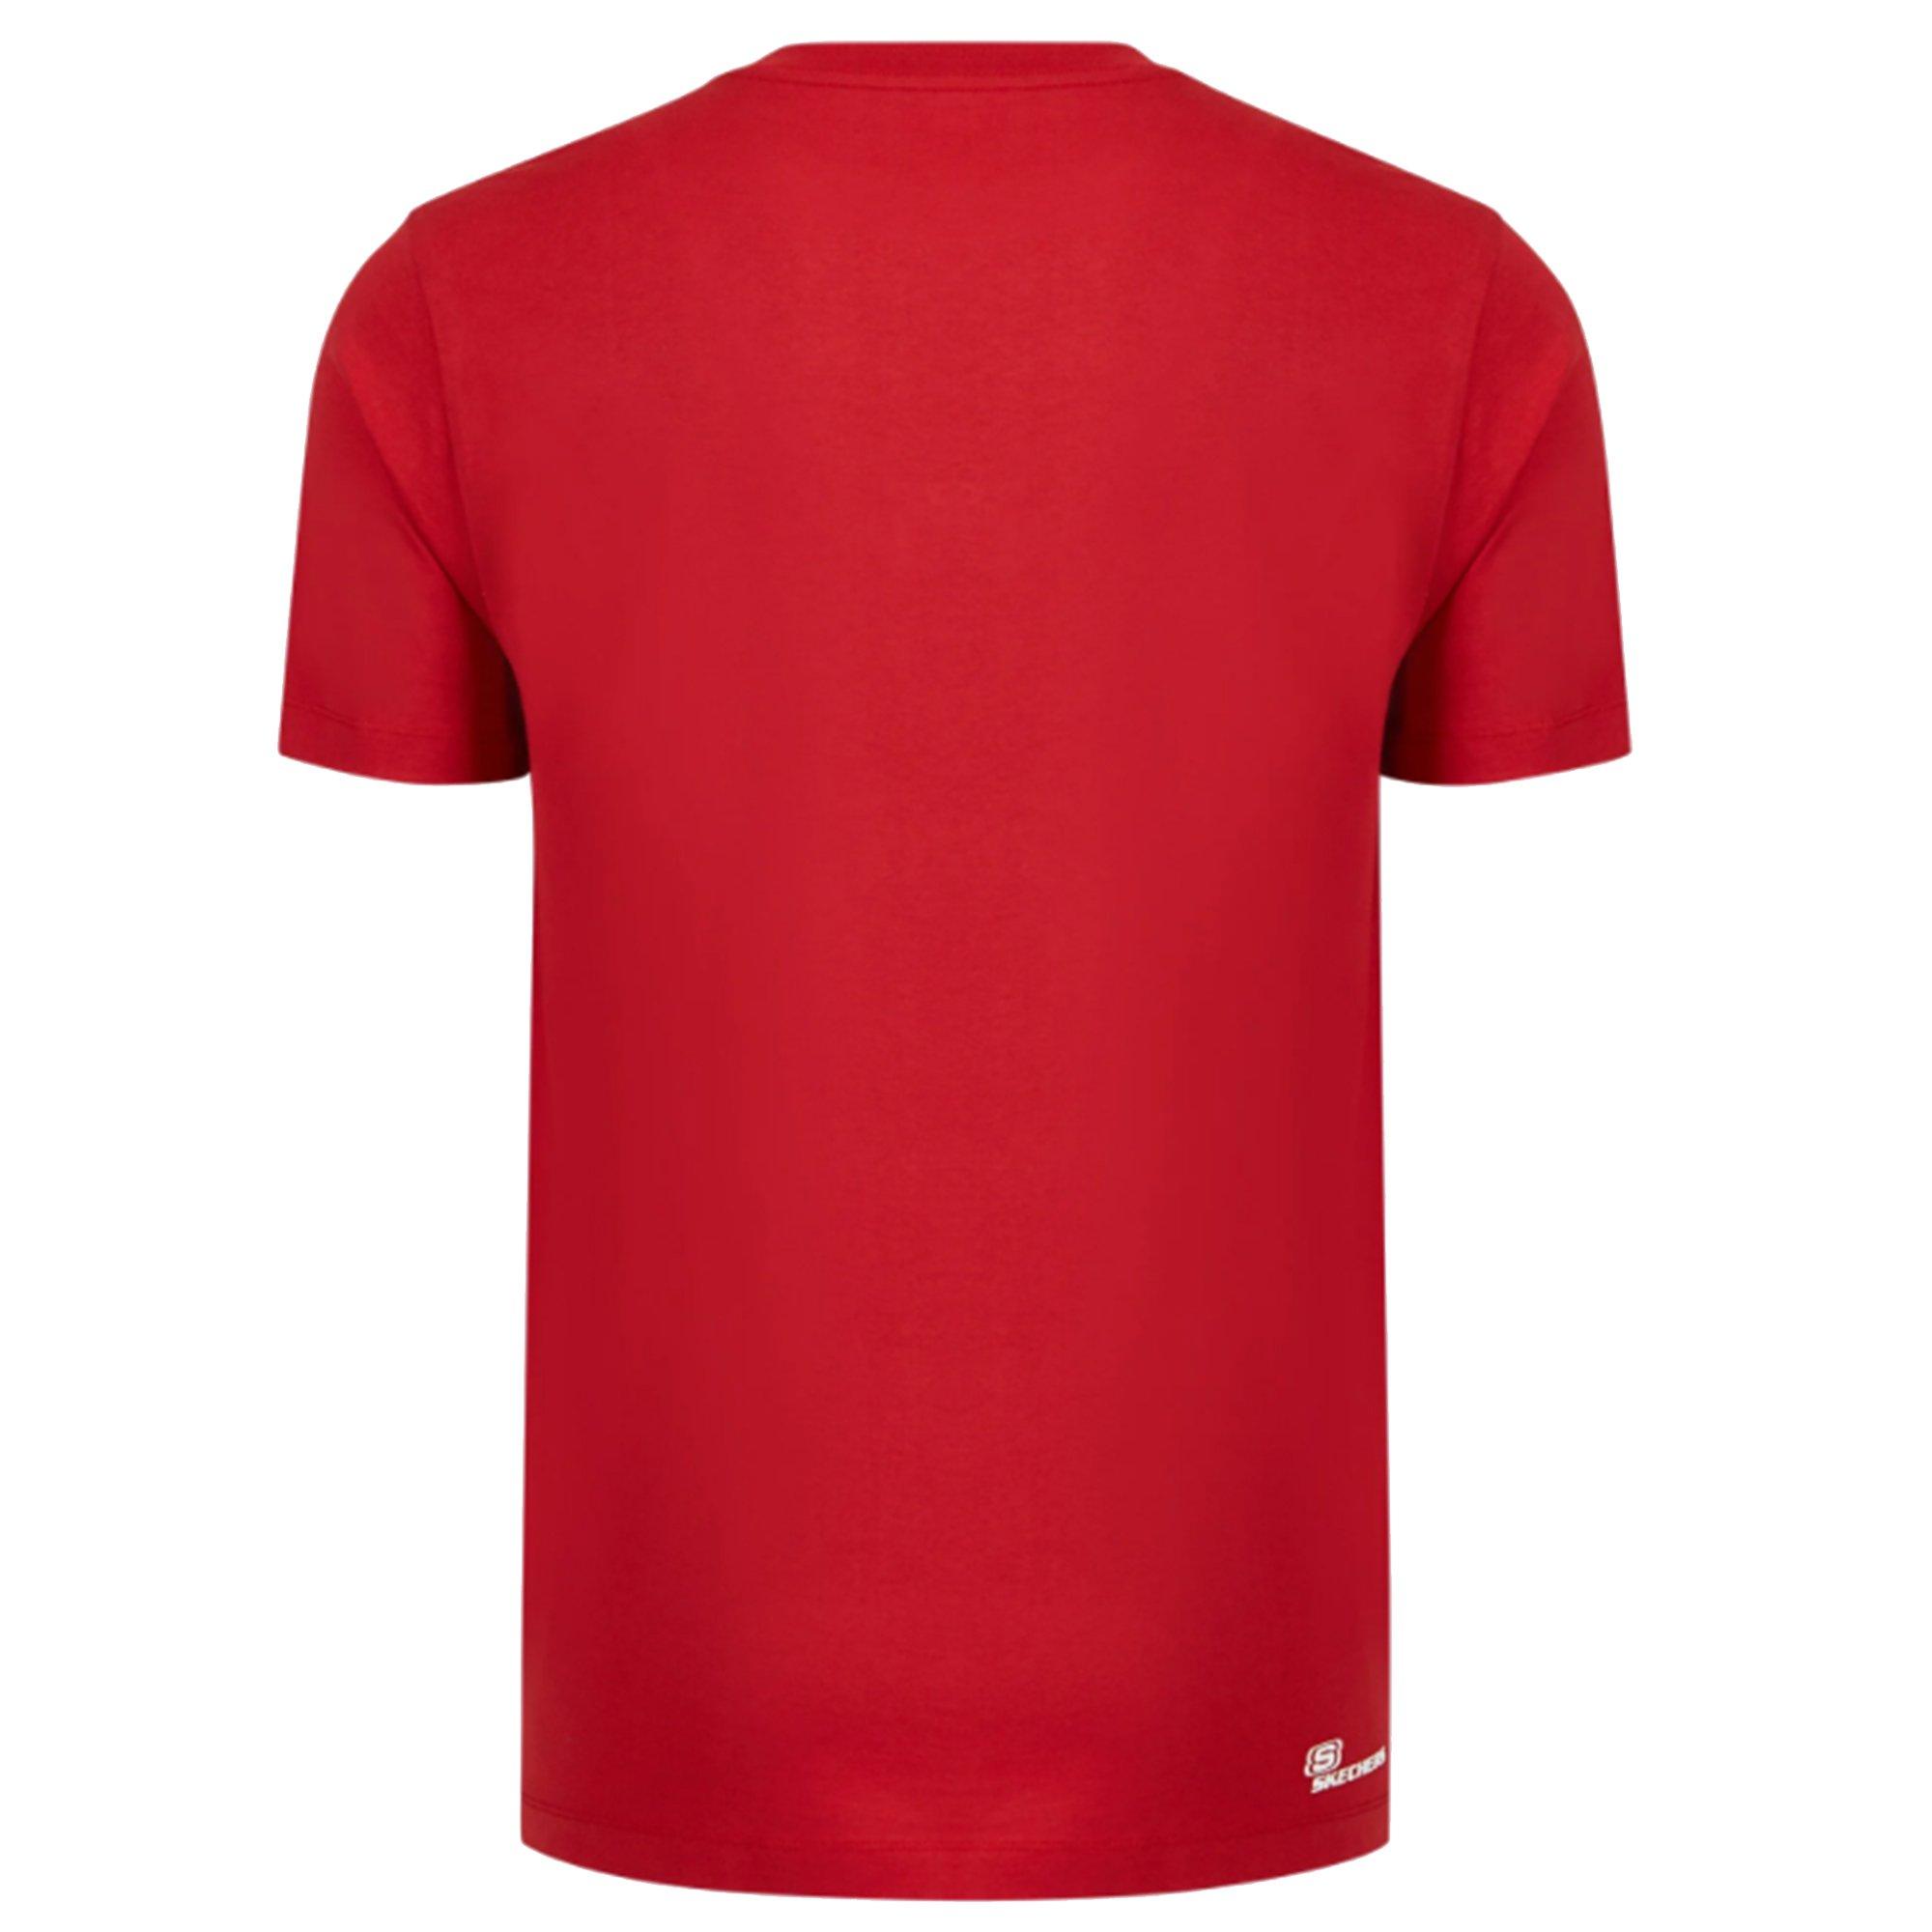 Graphic M Crew Neck Erkek Kırmızı Tişört  (S211567-600)